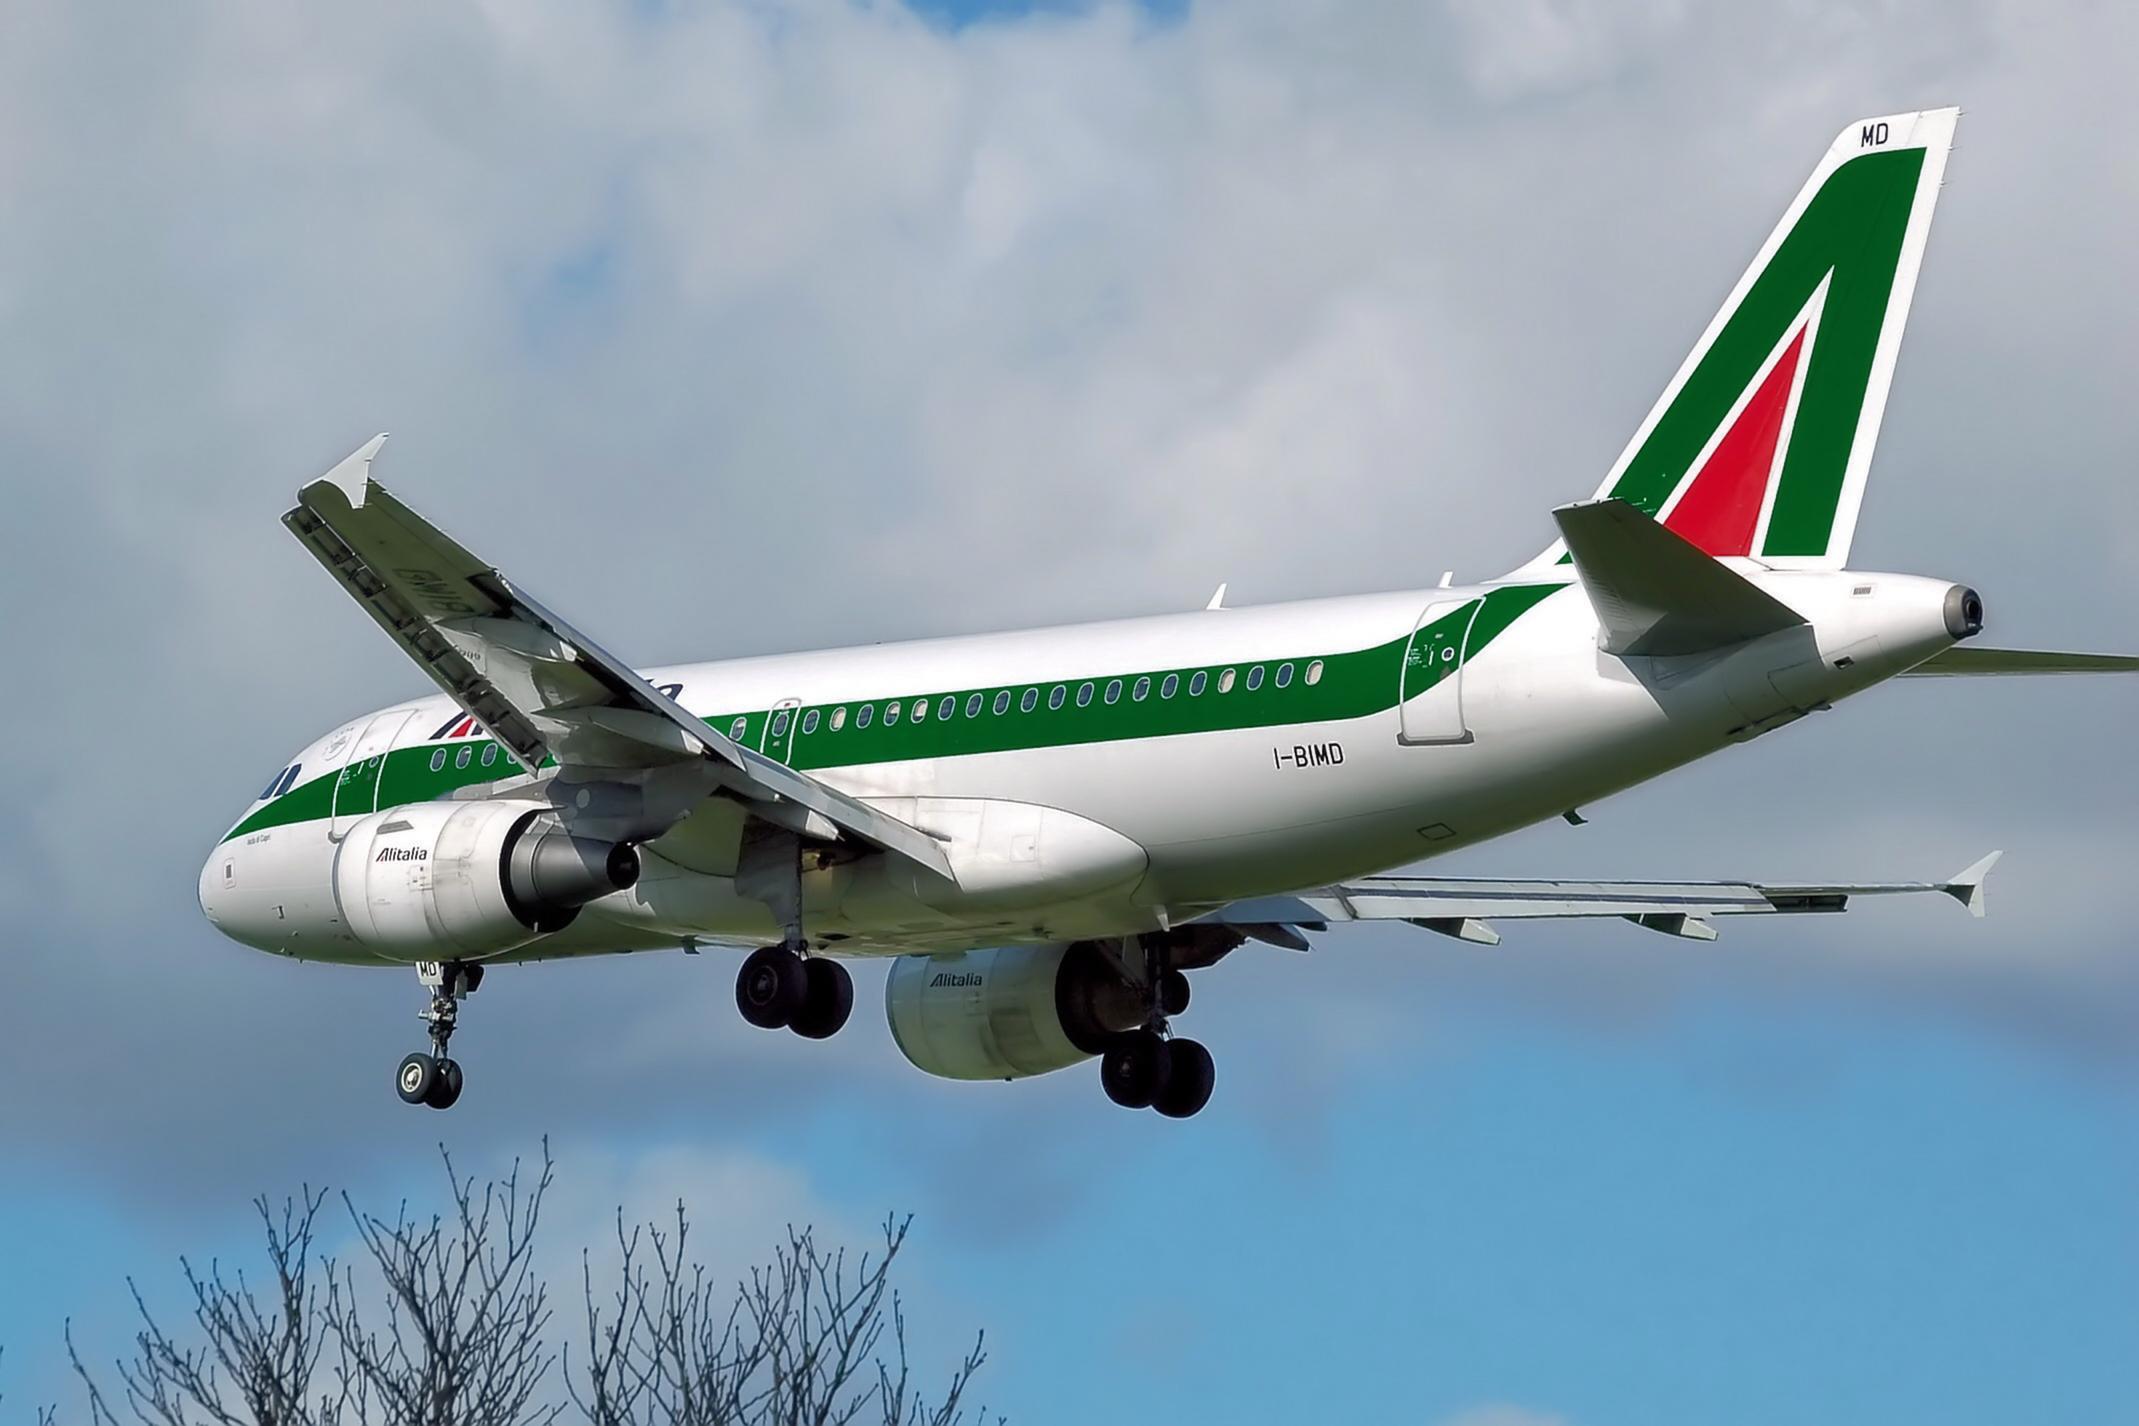 aerei hanno le targhe